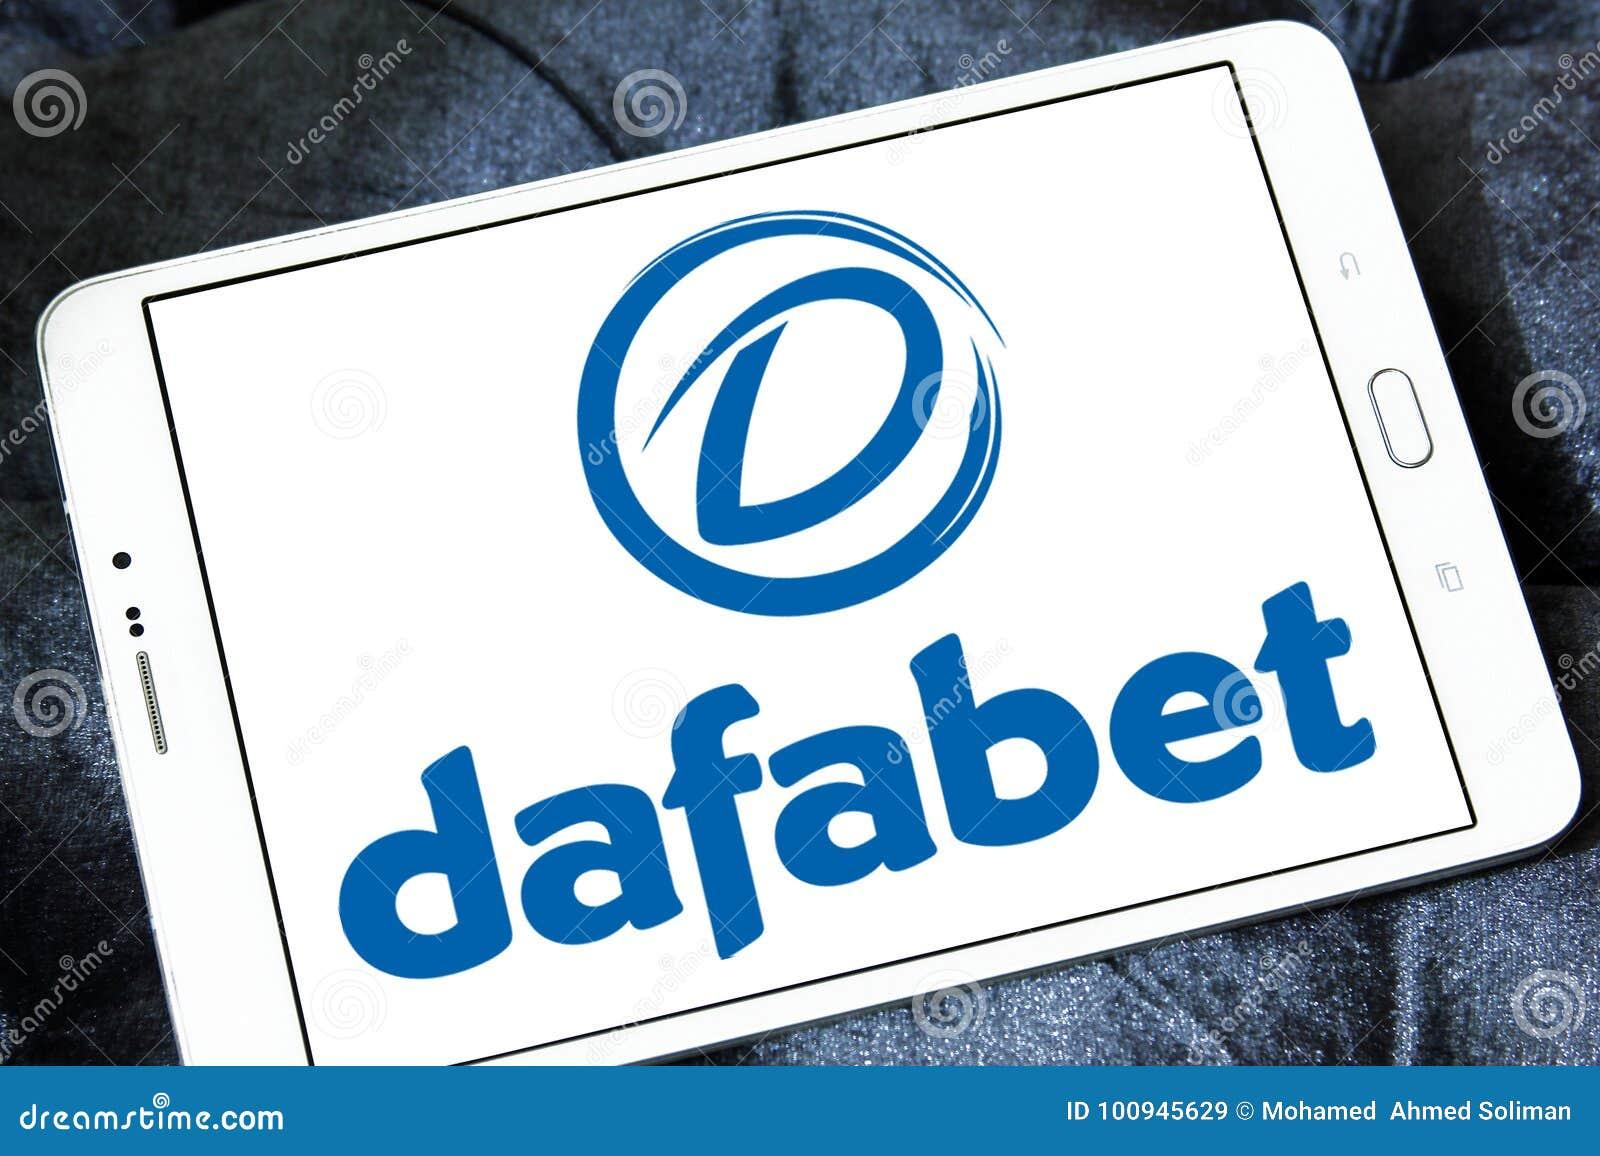 Legal Australian Online Poker Sites for